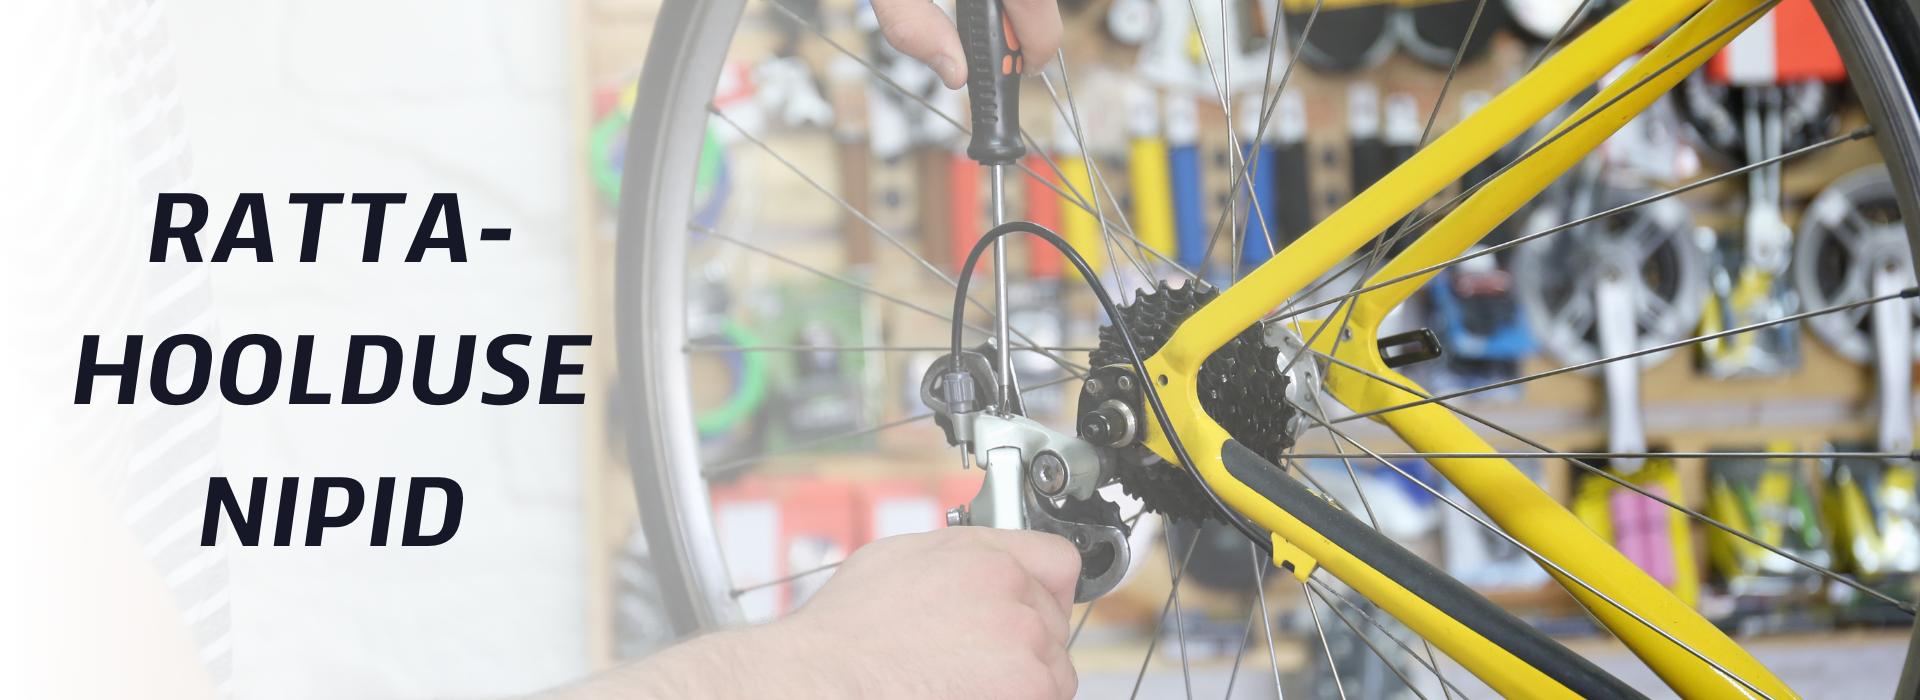 3 olulist soovitust, mida jälgida kevadist jalgrattahooldust tehes